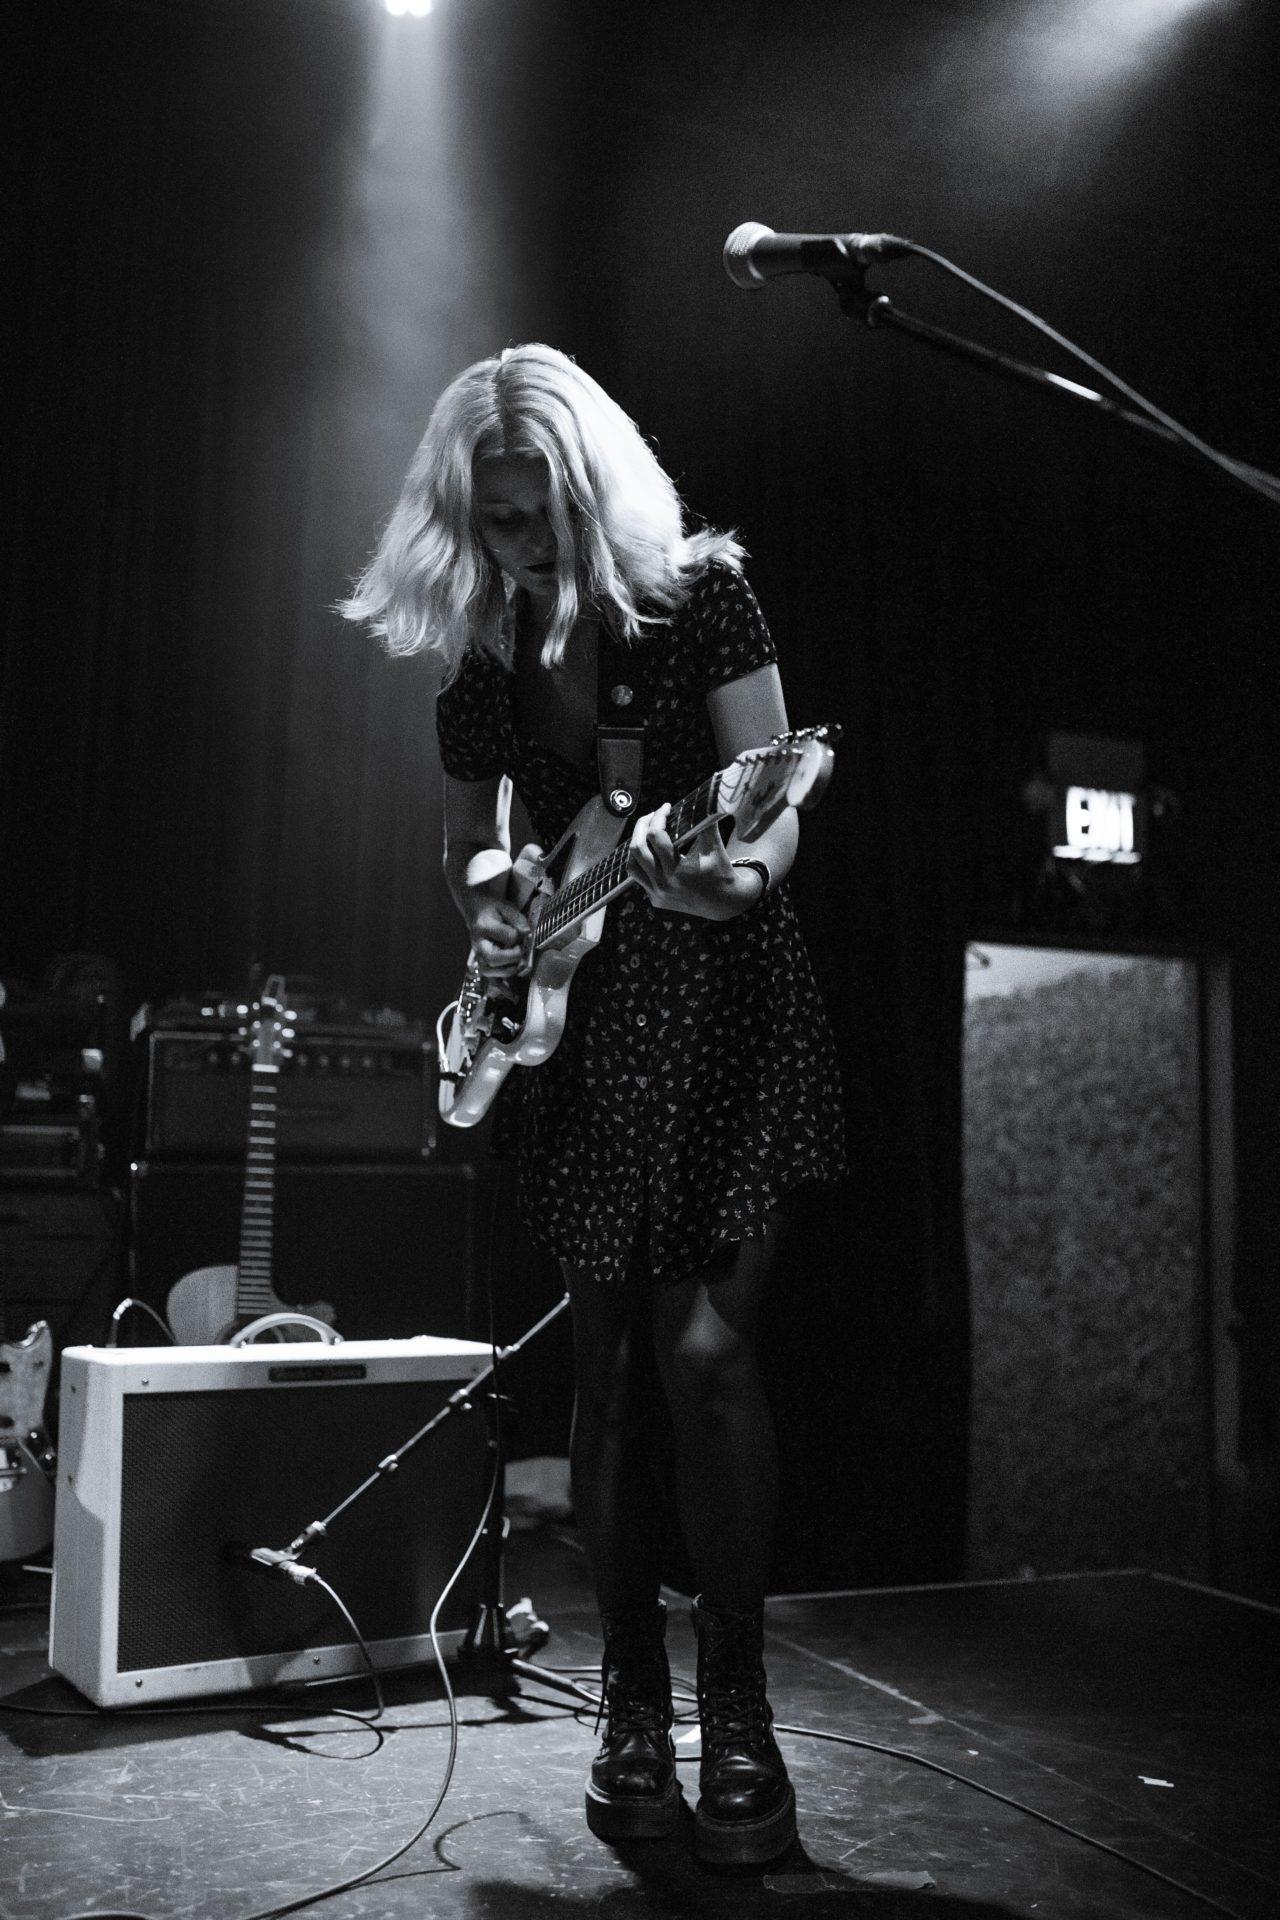 Frauen im Musikbusiness - Sapphire von CUFFED UP aus LA 1